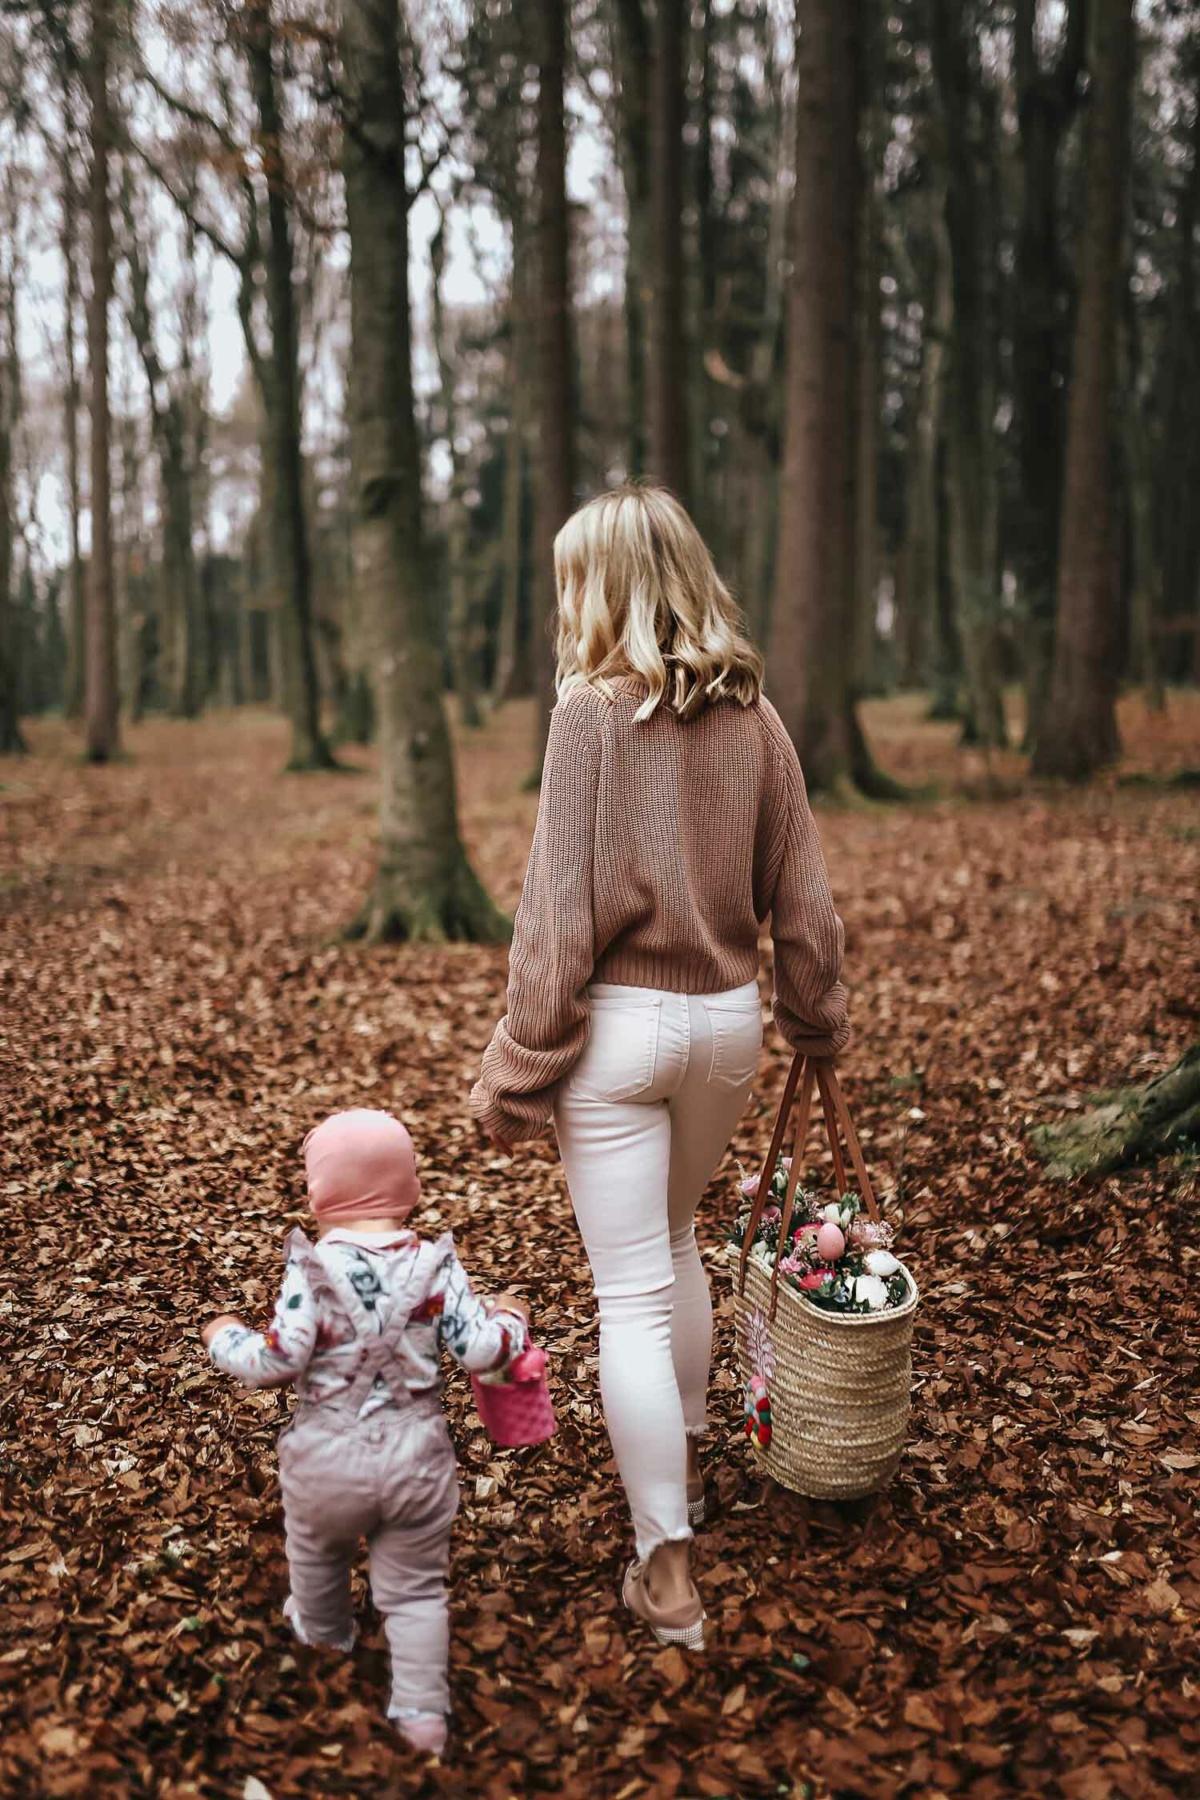 stylingliebe-lifestyleblogger-mamablog-familienblog-muenchen-lifestyleblog-blogger-deutschland-mamablogger-familienblog-familienblogger-familientraditionen-und-kindheitserinnerungen-7